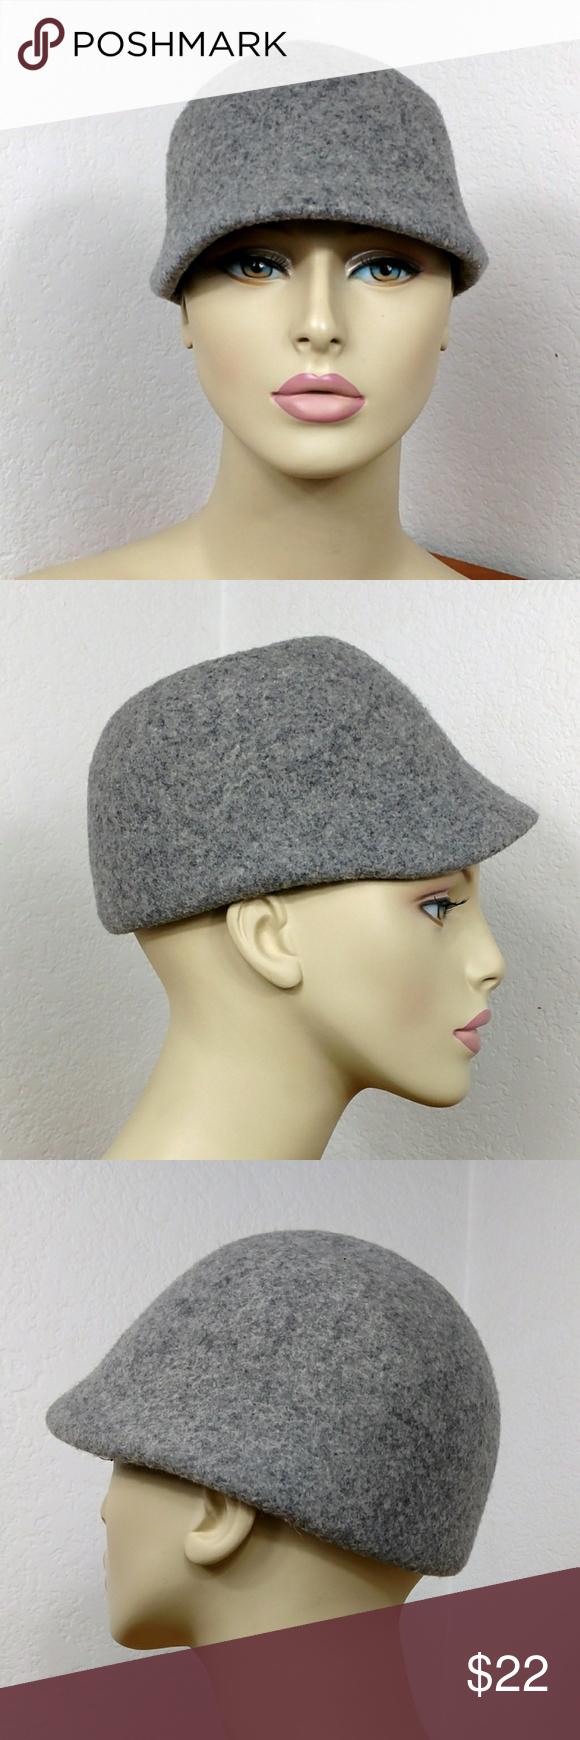 Vintage H&M Genuine Basque Ascot flat cap hat grey Vintage H&M Genuine Basque Ascot flat cap hat grey Beret M56 Men's Women's H&M Accessories Hats